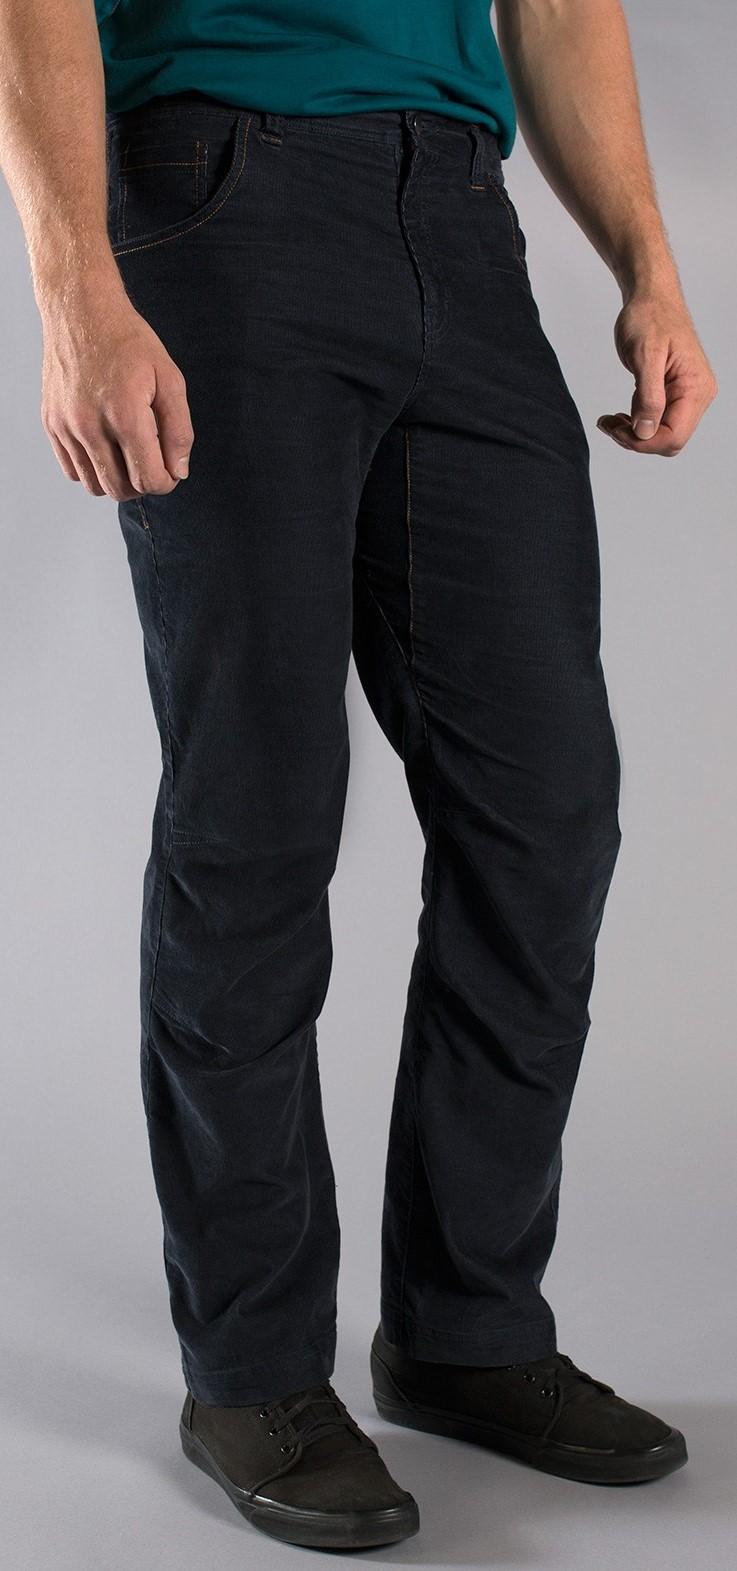 Rab Hueco Pants